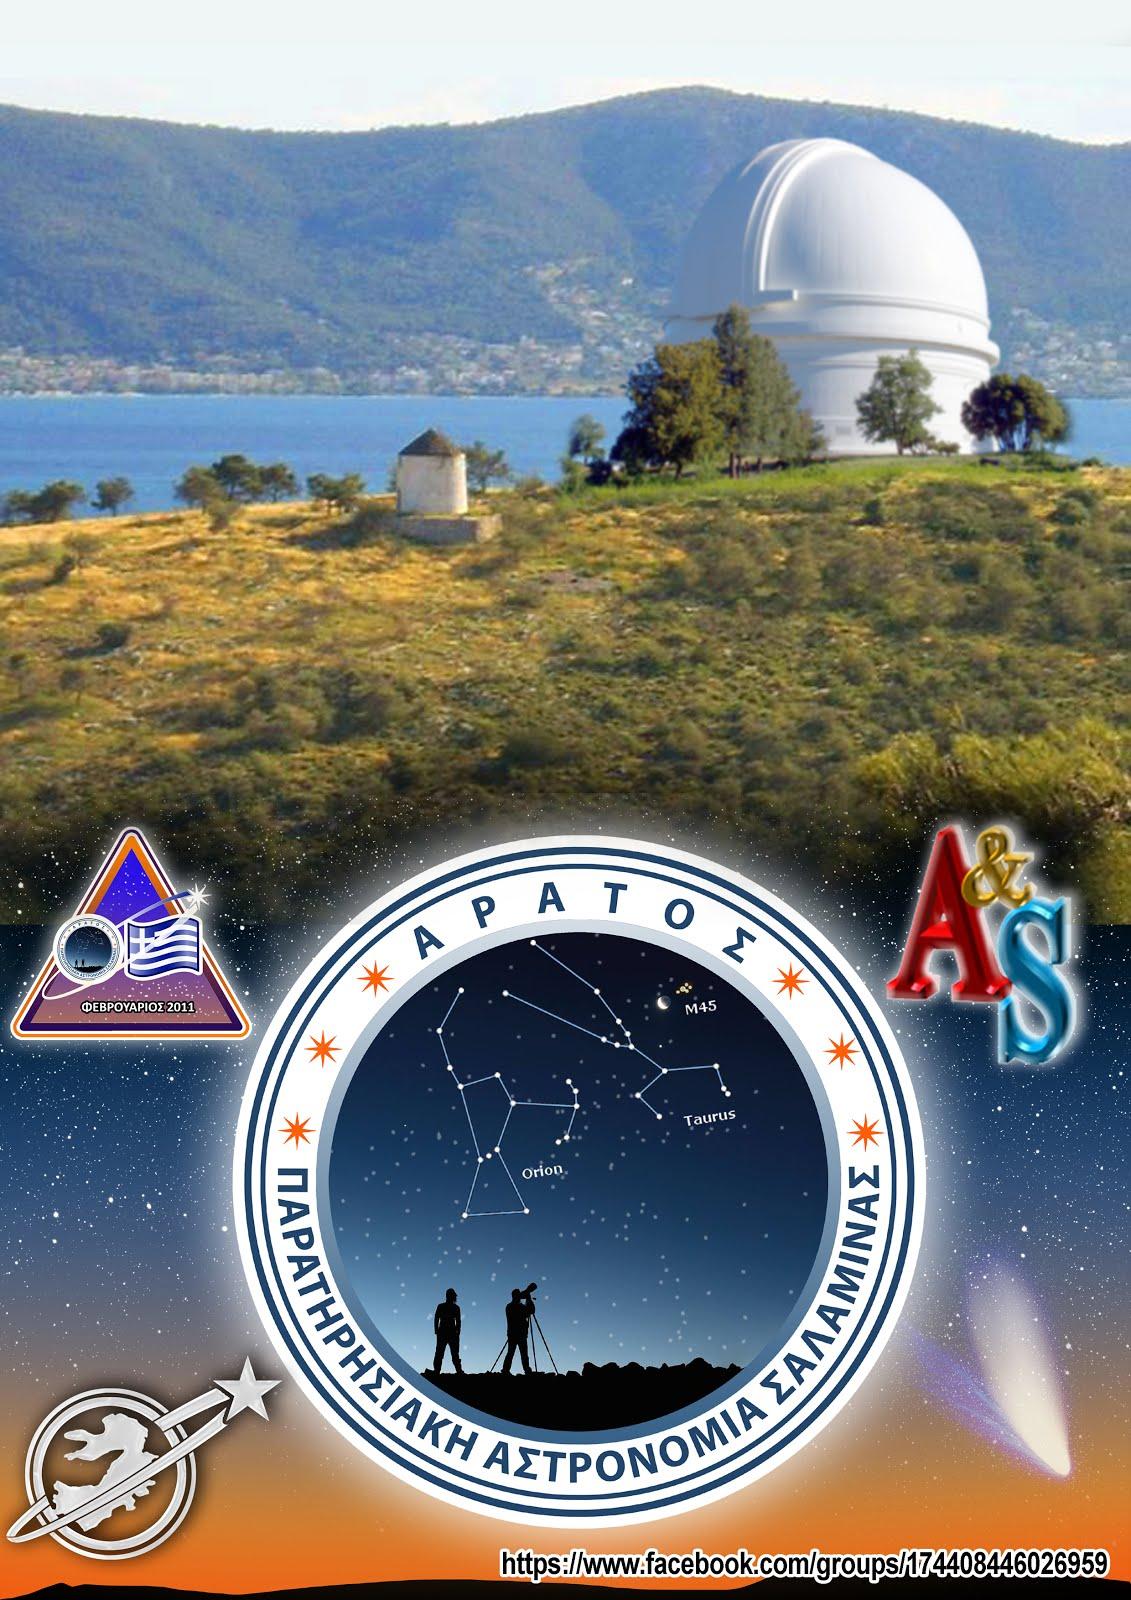 Δημιουργία Δημοτικού Αστεροσκοπείου στη Σαλαμίνα --- CLICK ON IMAGE